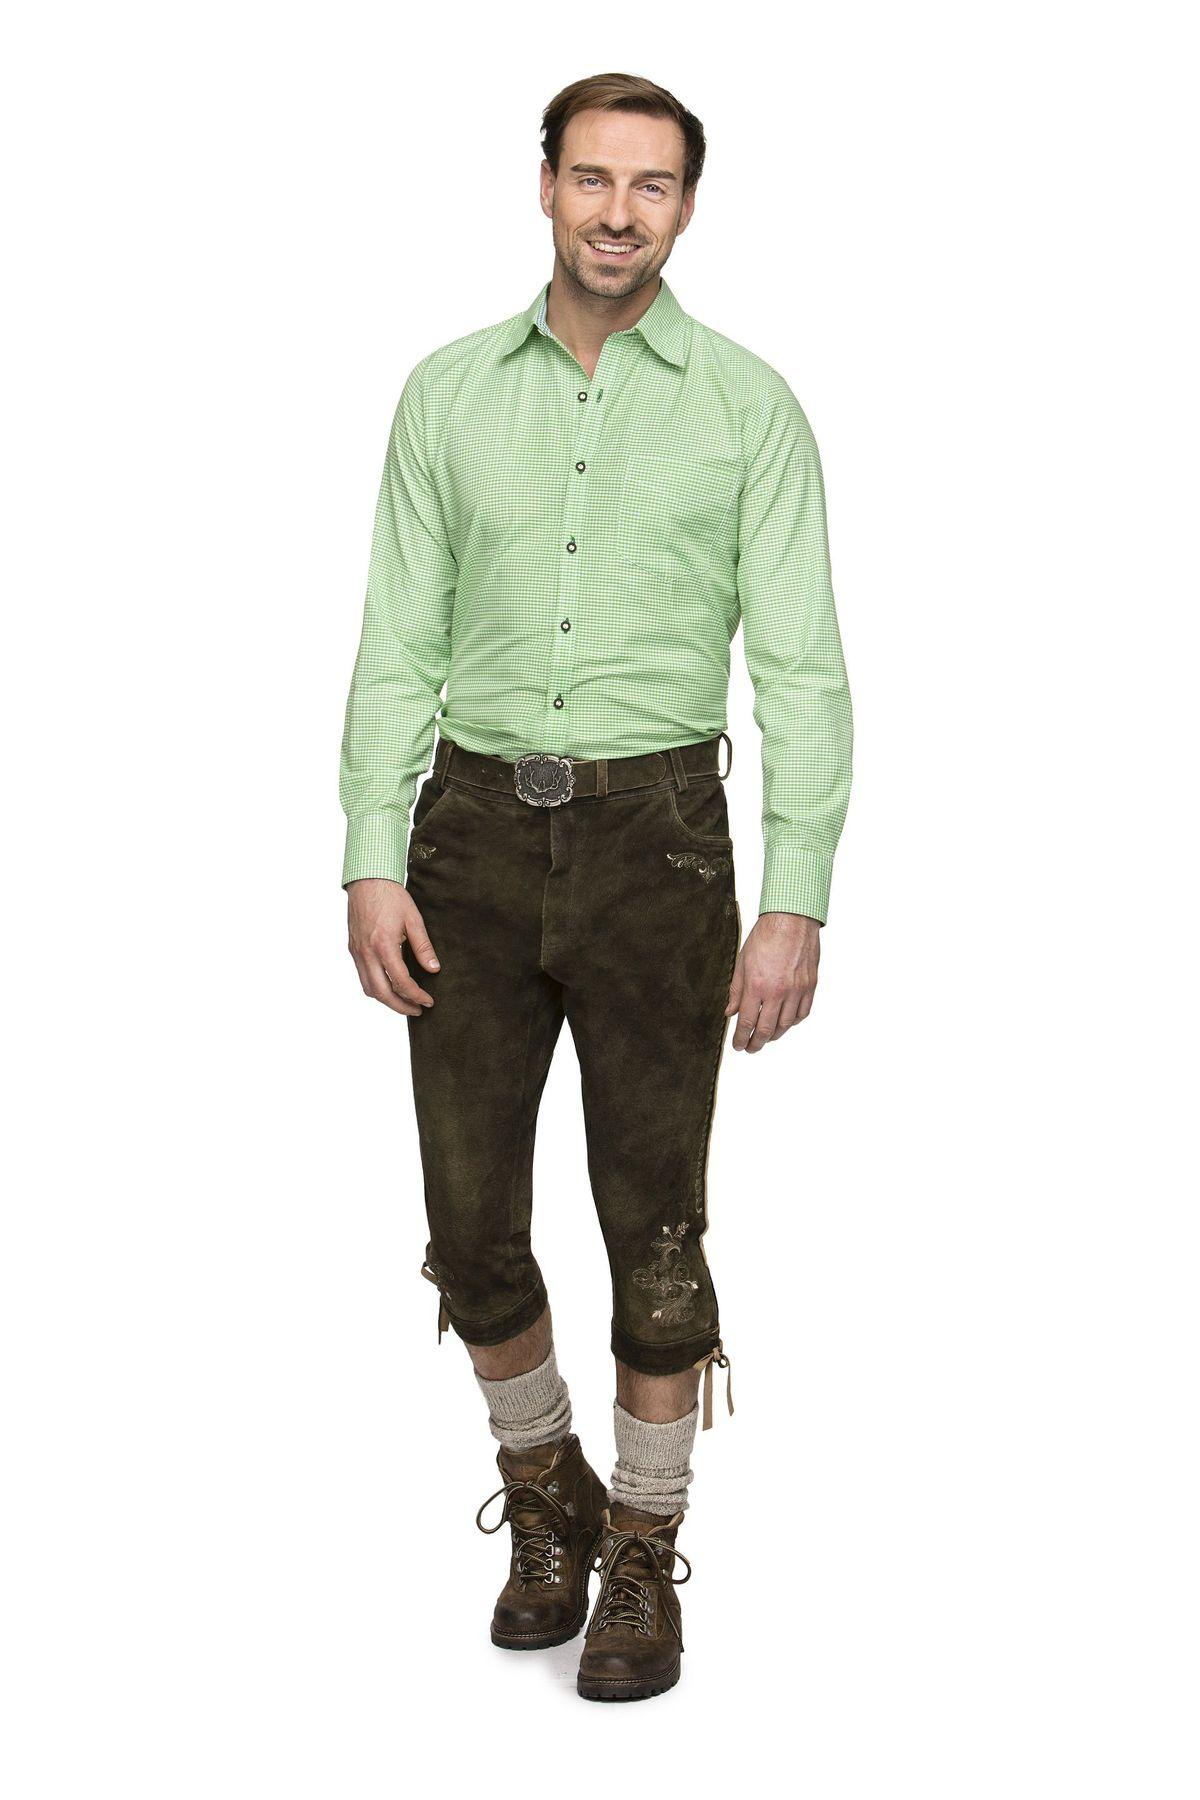 Herren Trachten Lederhose von der Marke STOCKERPOINT in verschiedenen Farben, Sigmar3 – Bild 10